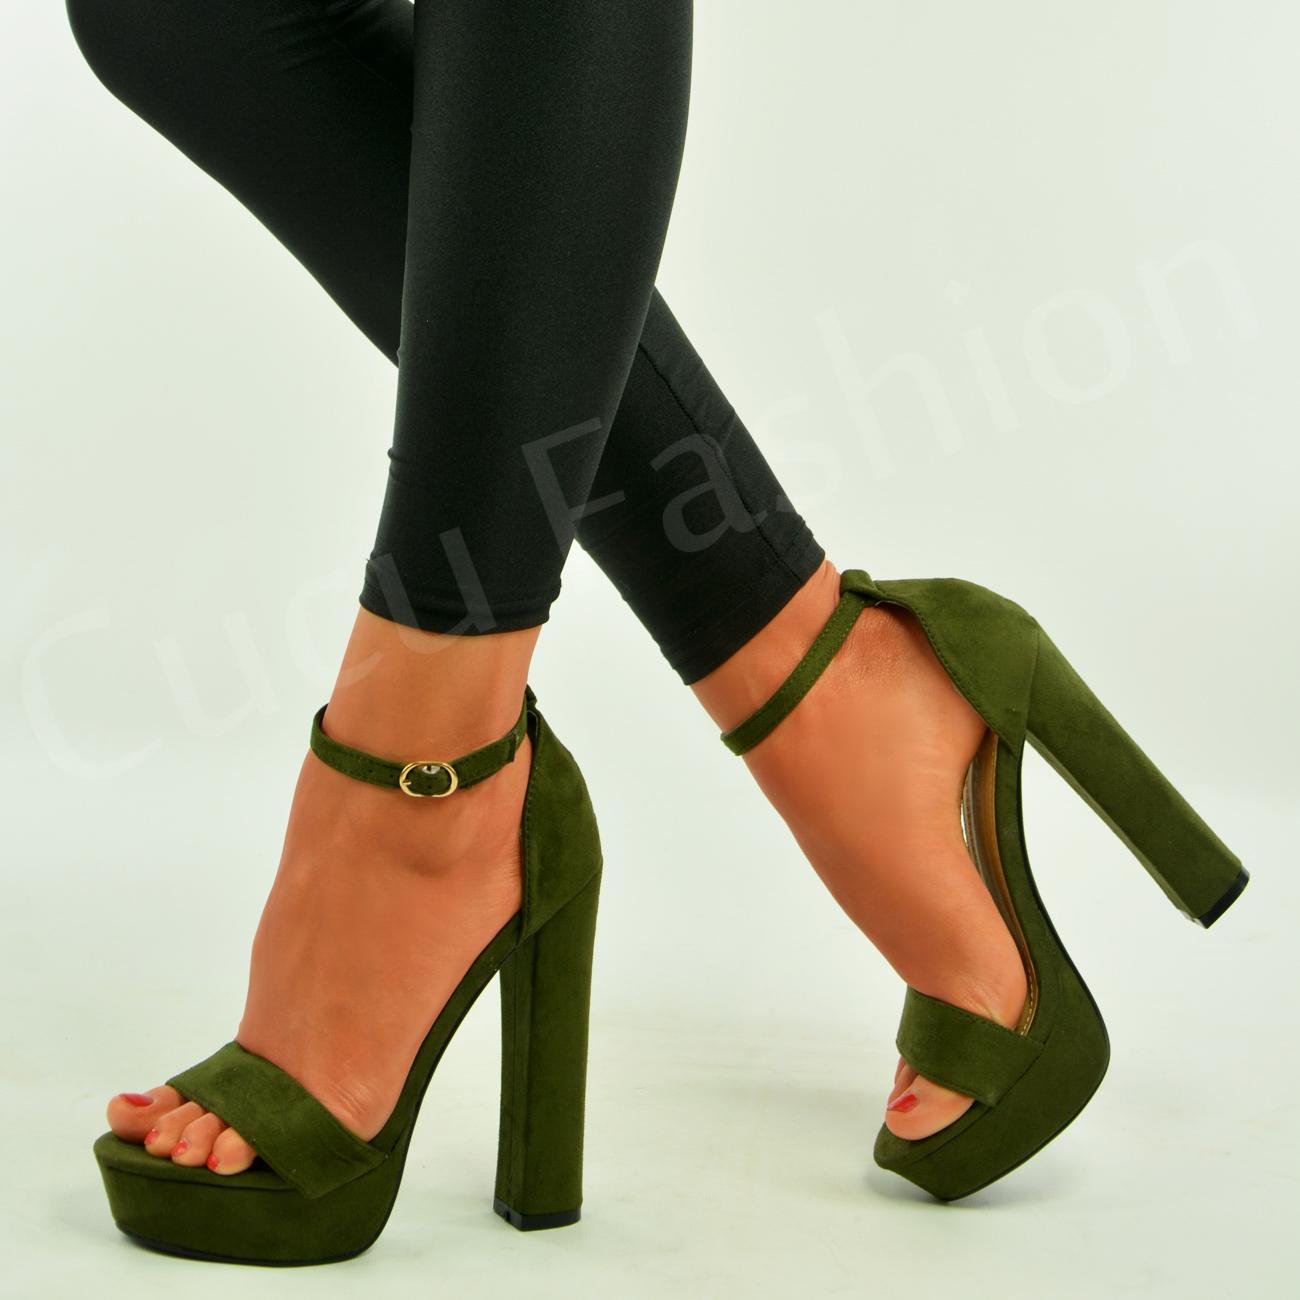 Green Heel Shoes Uk